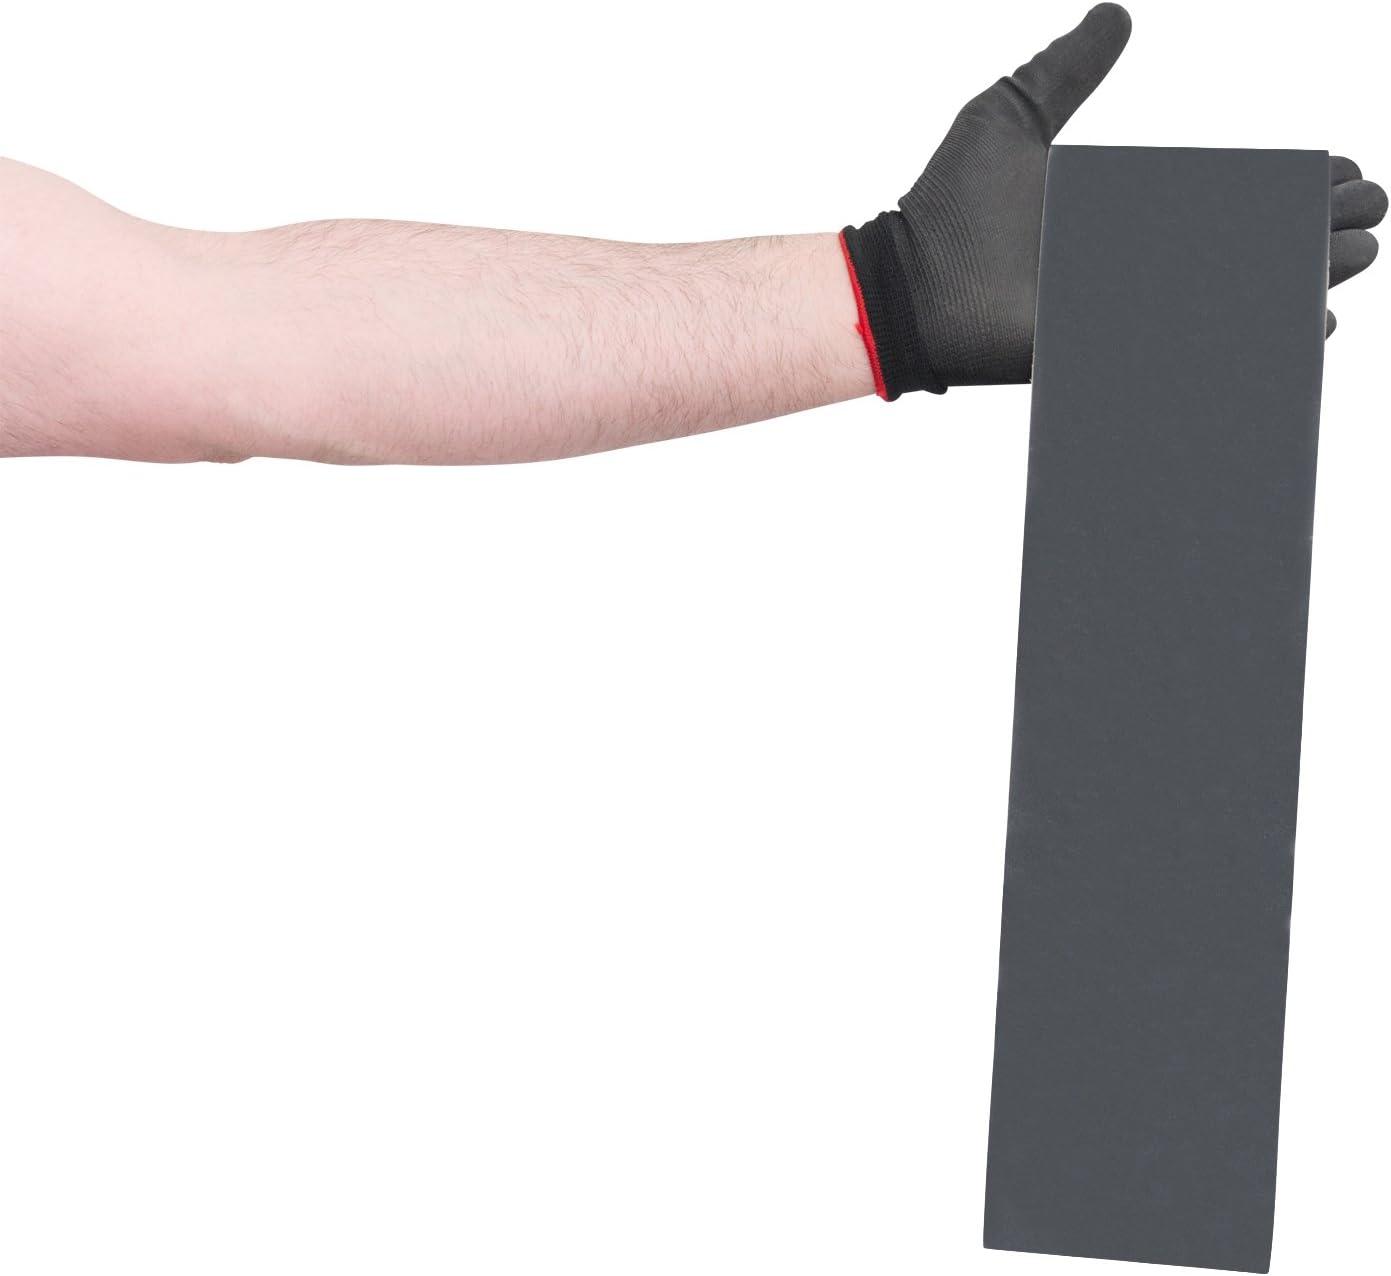 Fine Grade 3 Width VSM 222306 Abrasive Belt Pack of 10 Cloth Backing 3 Width 120 Length VSM Abrasives Co. Silicon Carbide 180 Grit Black 120 Length